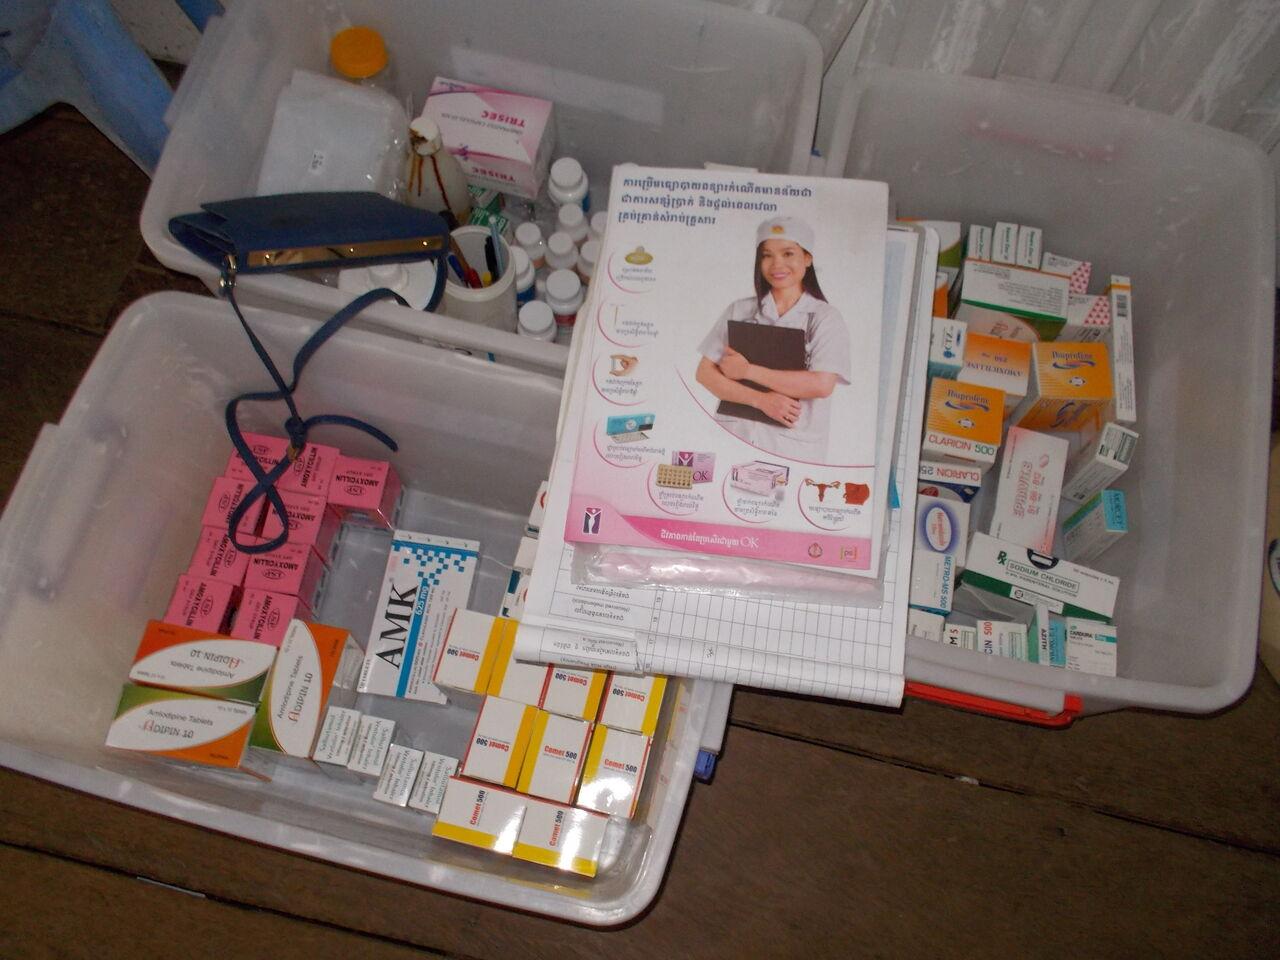 写真5 避妊薬と処方記録帳